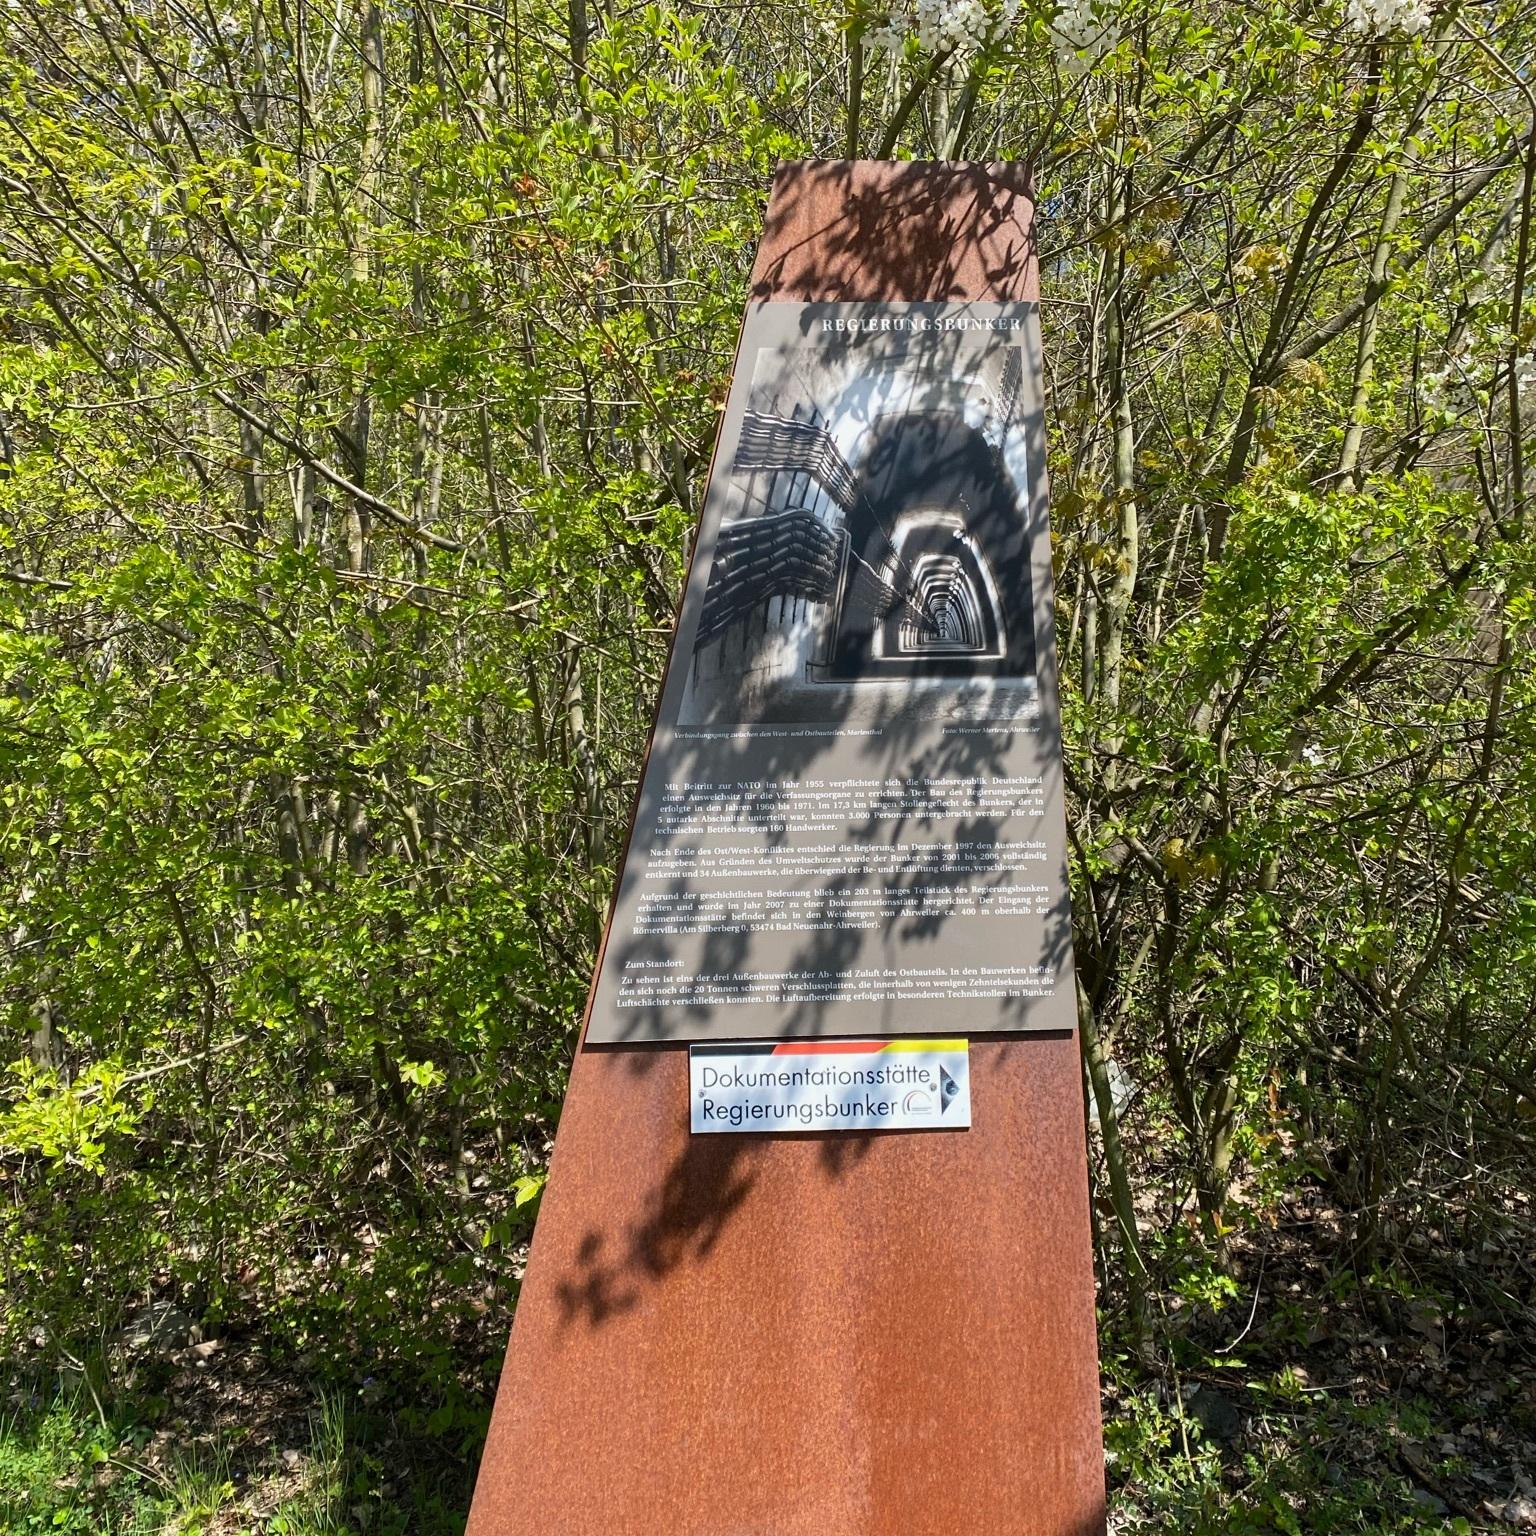 Im Ahrtal finden sich überall Hinweisschilder zur Dokumentationsstätte Regierungsbunker